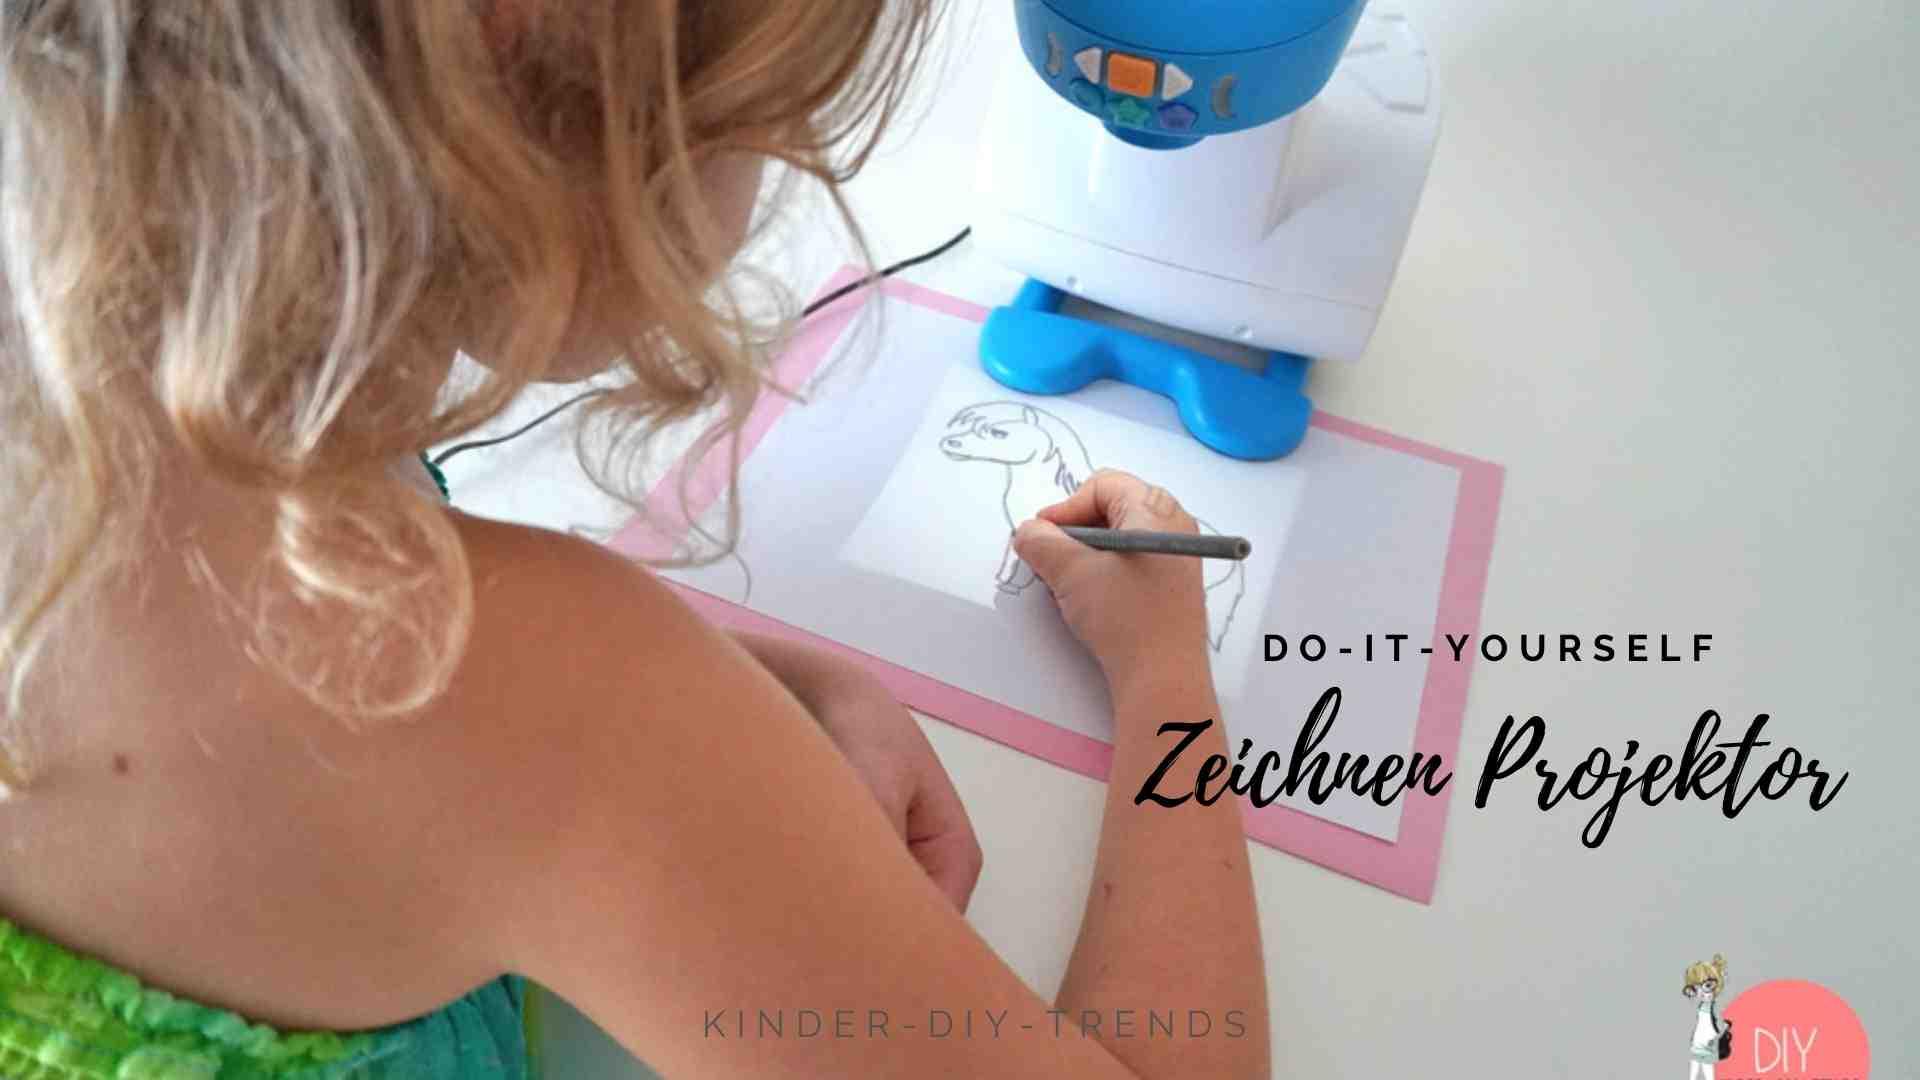 Kreative Geschenkideen für Kinder: Zeichnen lernen mit Zeichnen Projektor Smart Sketcher